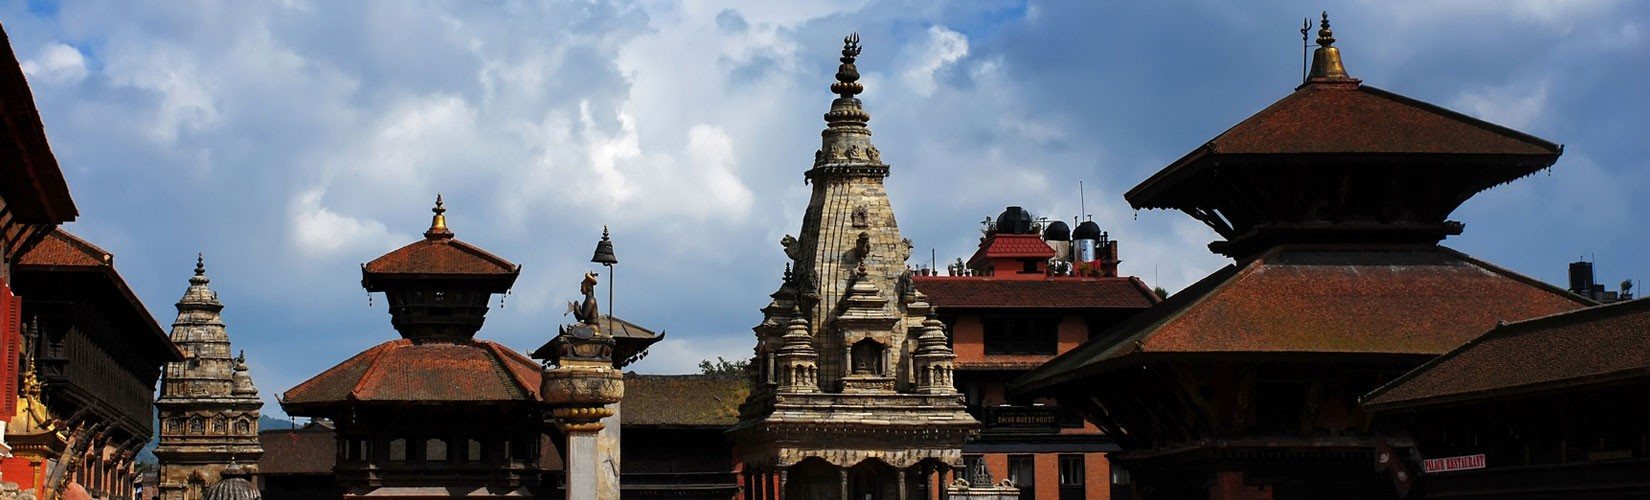 Nepal Heritage Tour